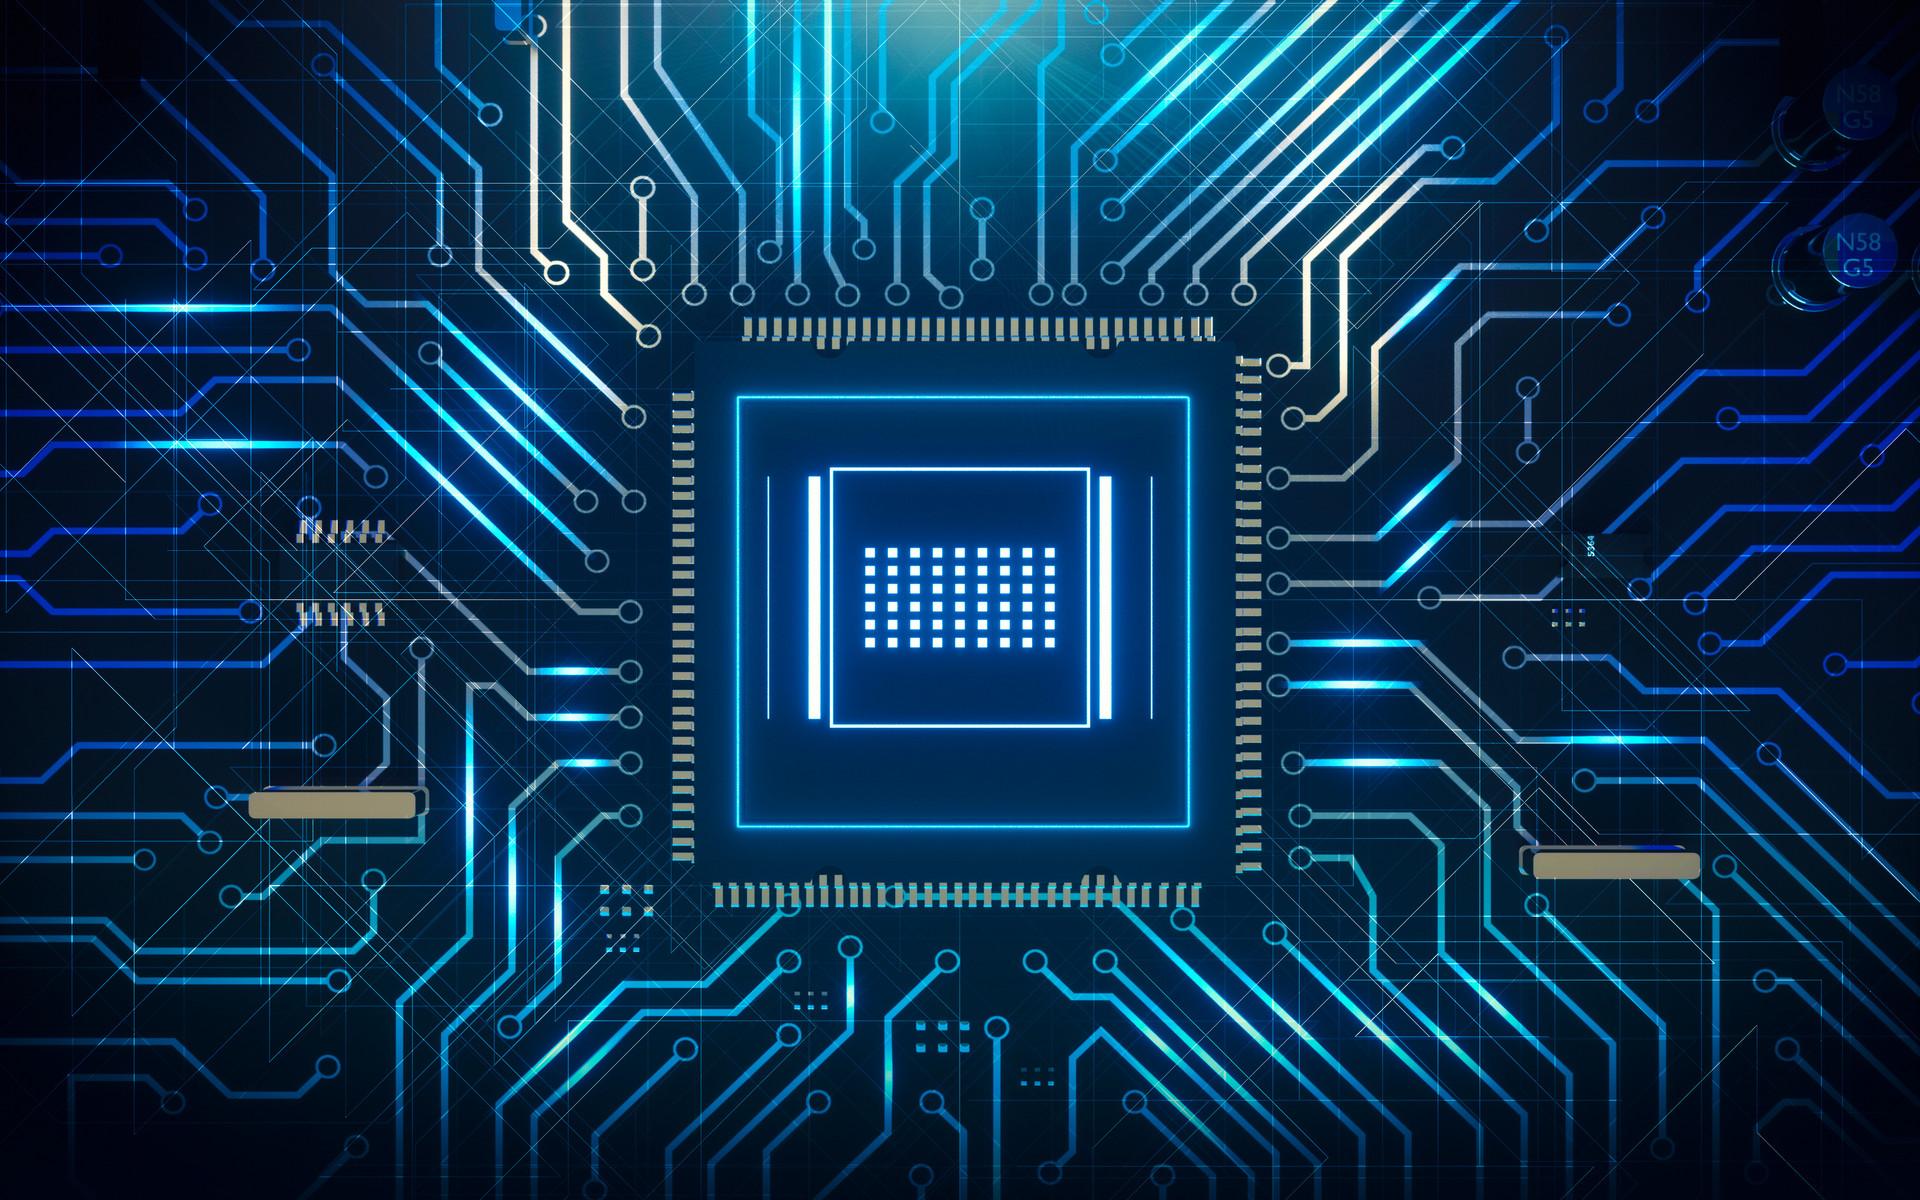 武�h新芯50�{米代�a型�W存芯片量�a,存��卧�面�e和密度�_到���H先�M水平